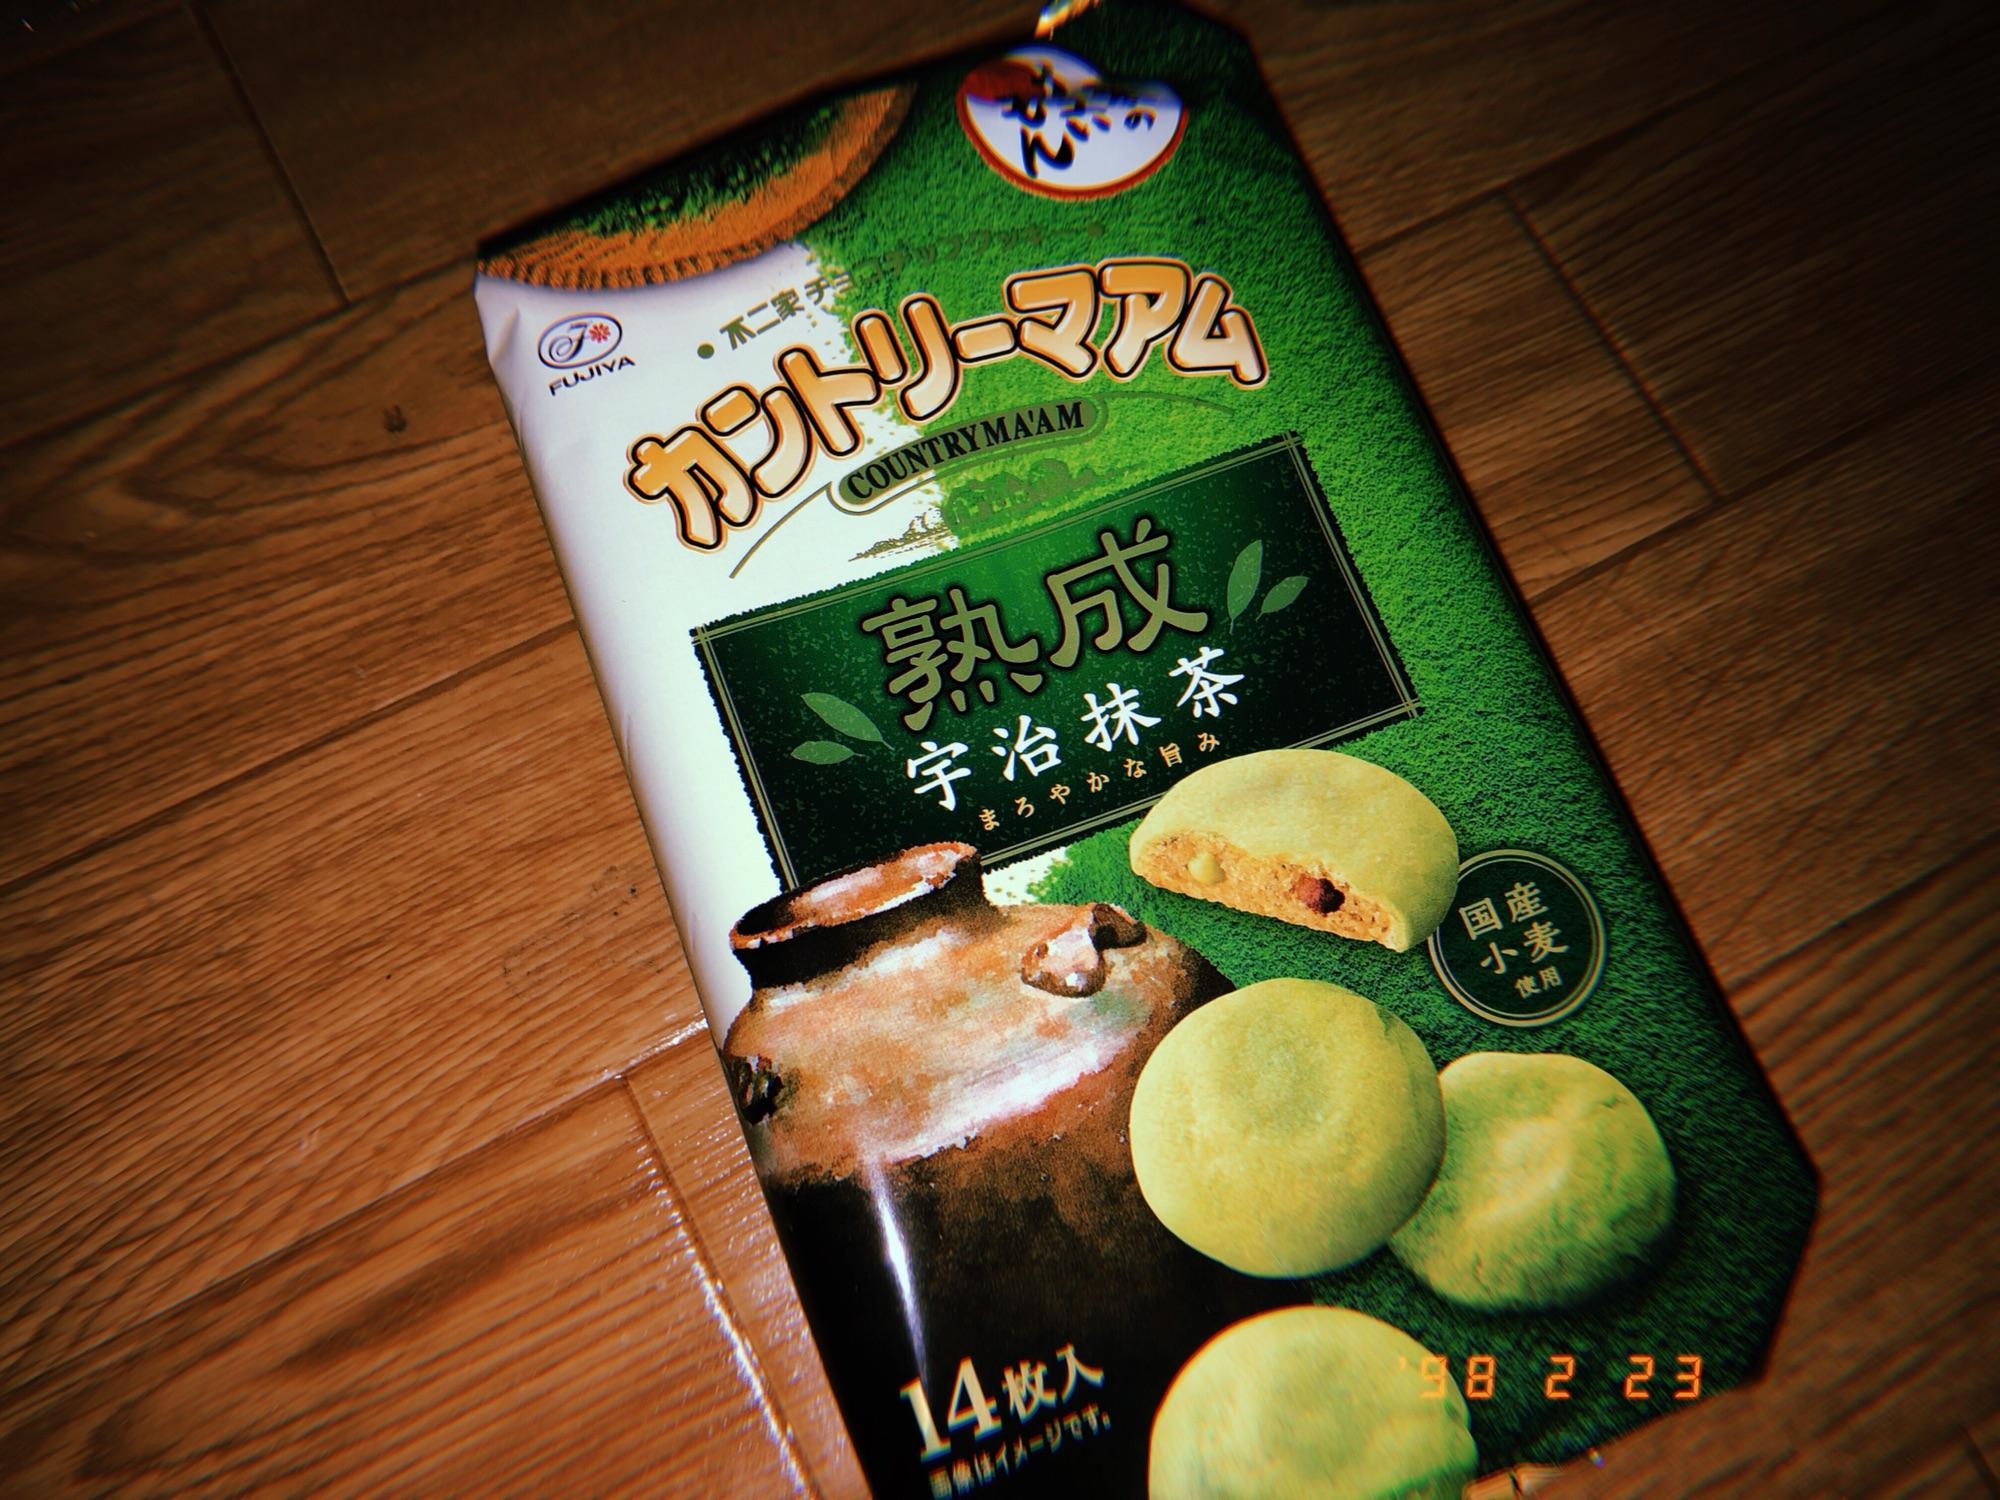 抹茶好き必見😳🌱カントリーマアム熟成宇治抹茶